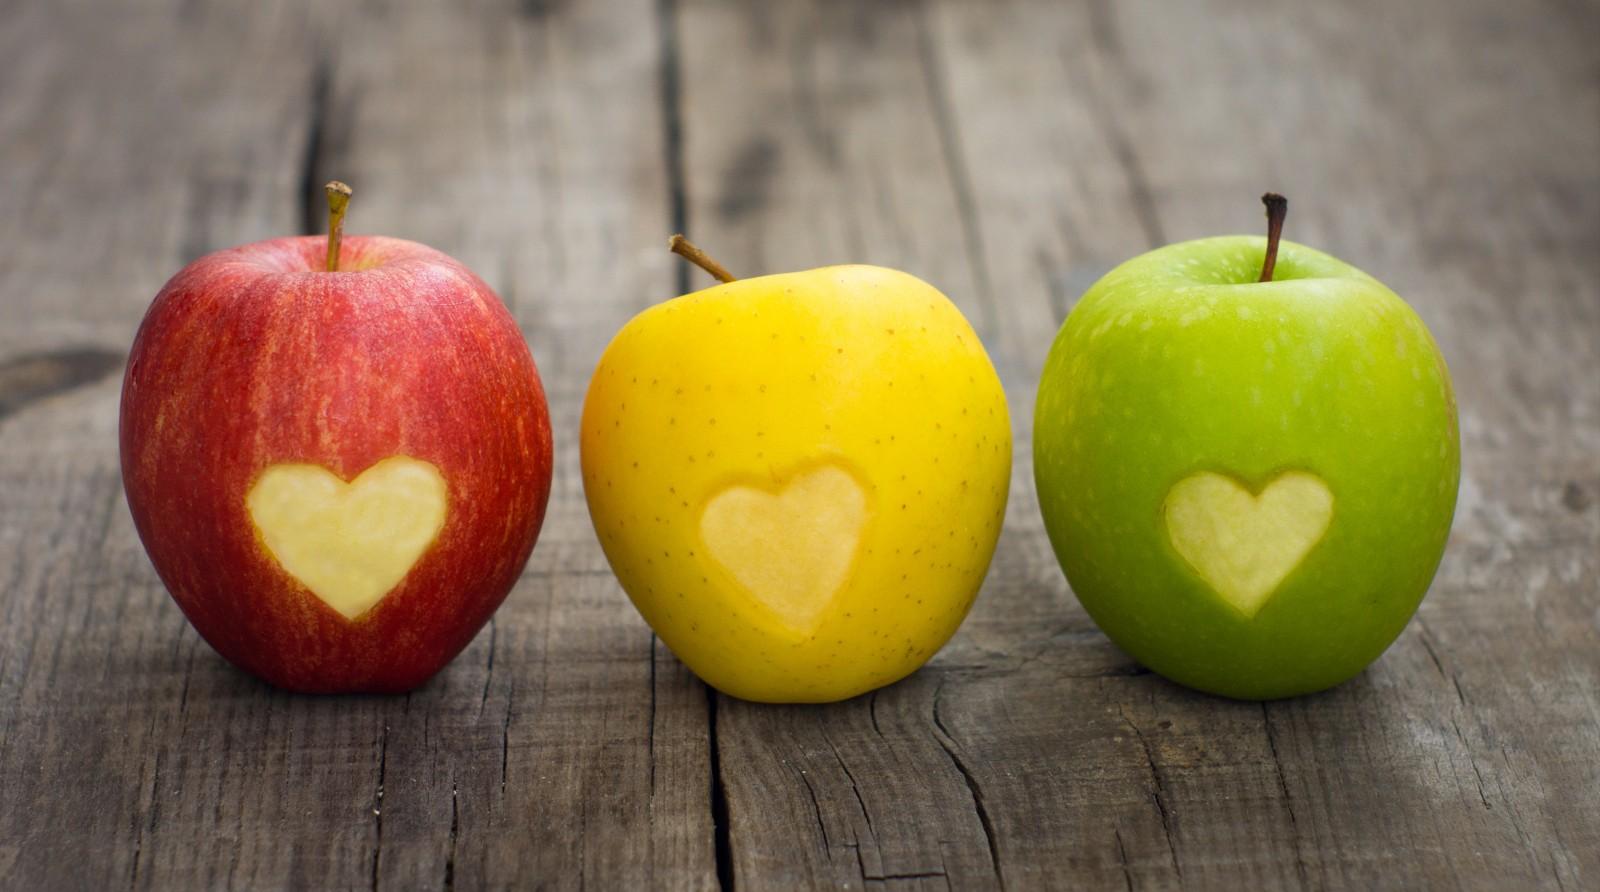 красный жёлтый зелёный, яблоки